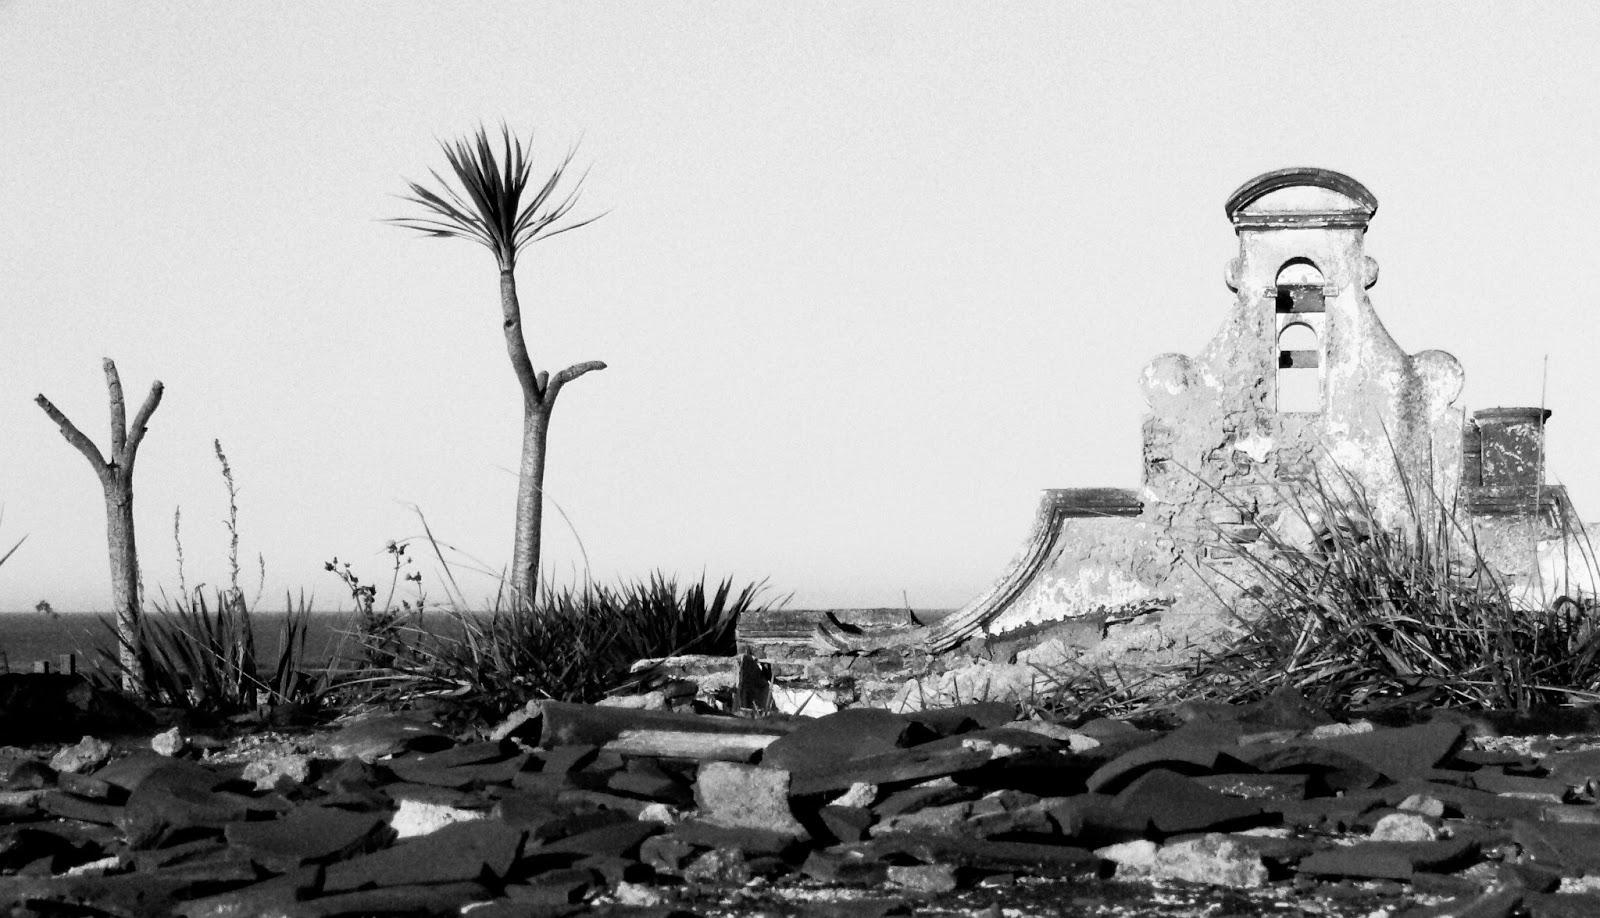 Botiquin Para Baño En Mar Del Plata:EL CUARTO OSCURO: Mar del Plata, alrededores y más lejos